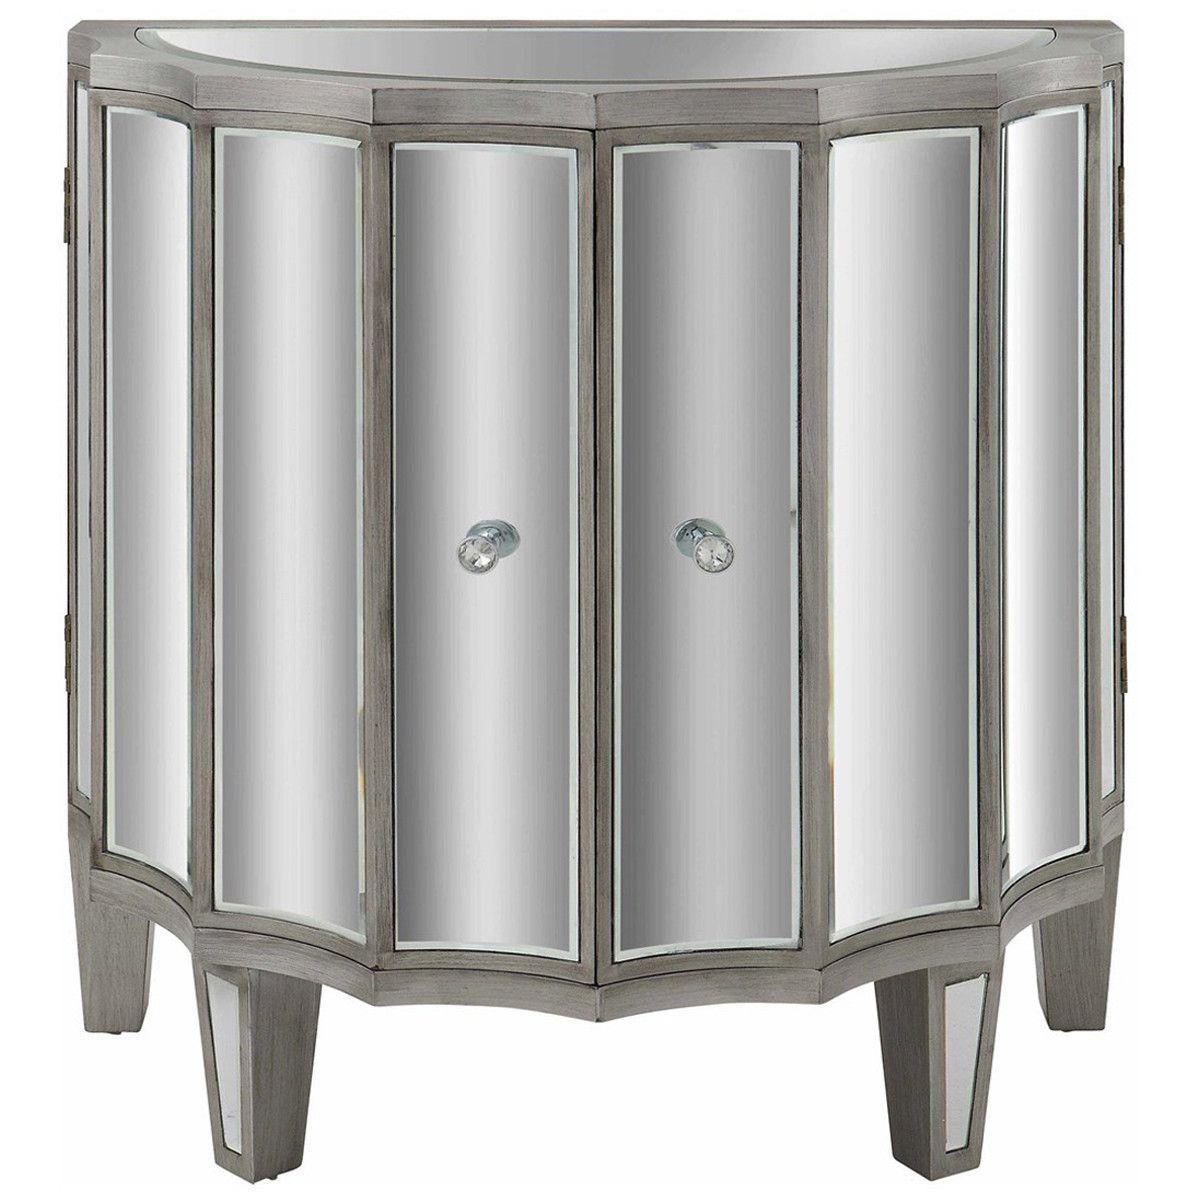 Millenium Bent Mirrored 2 Door Cabinet